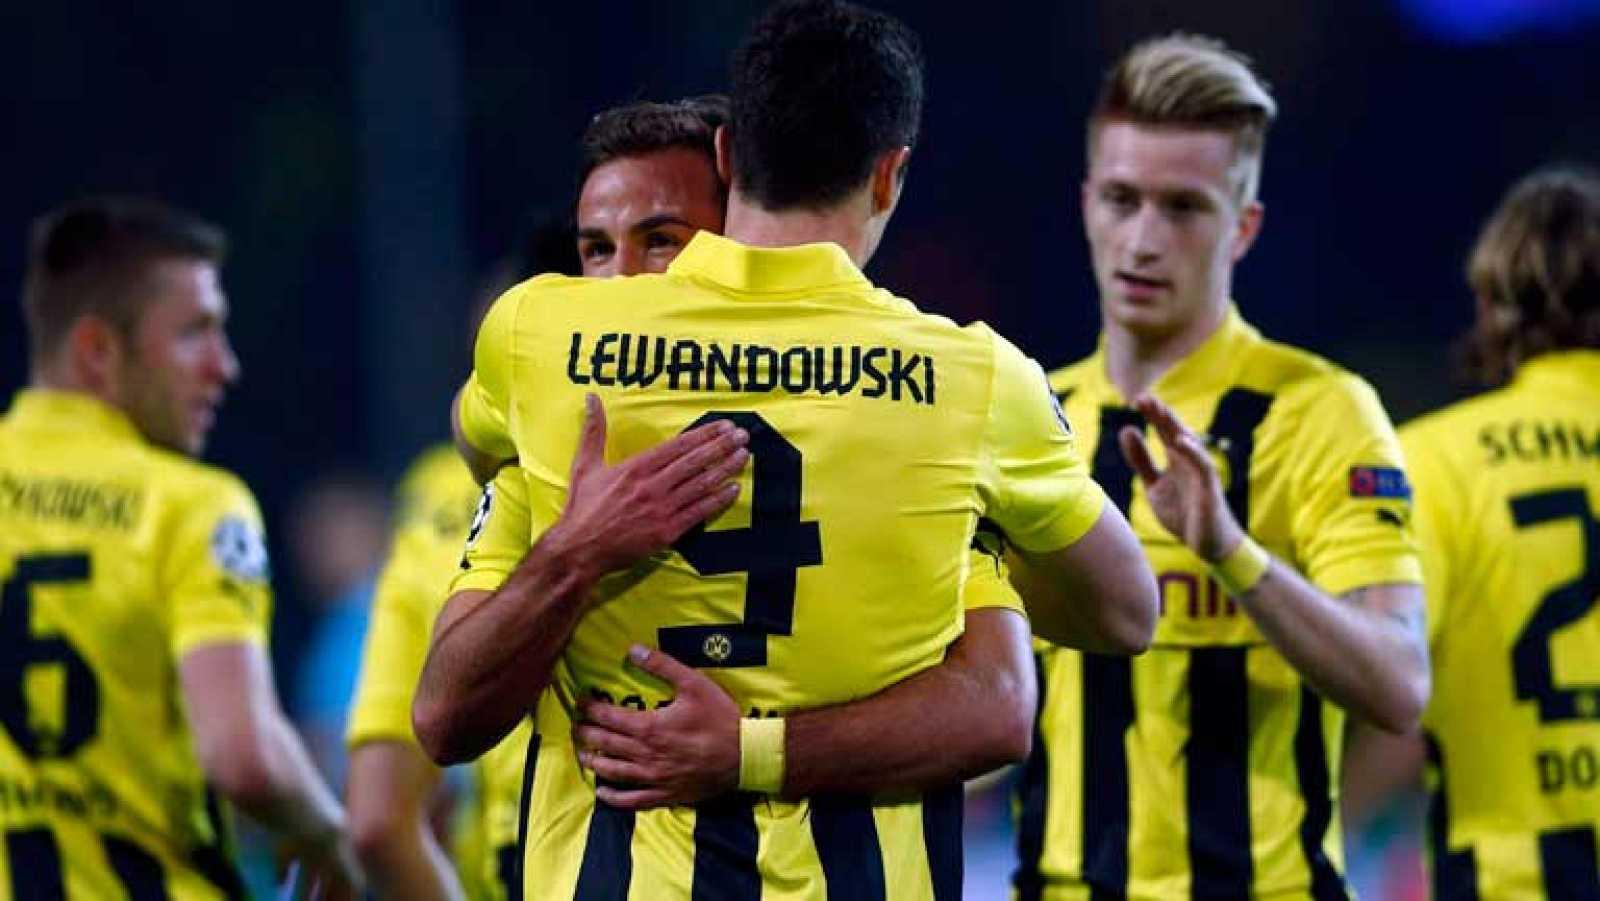 El delantero polaco del Borussia Dortmund Lewandowski ha adelantado a su equipo ante el Real Madrid en el minuto 9 de juego.